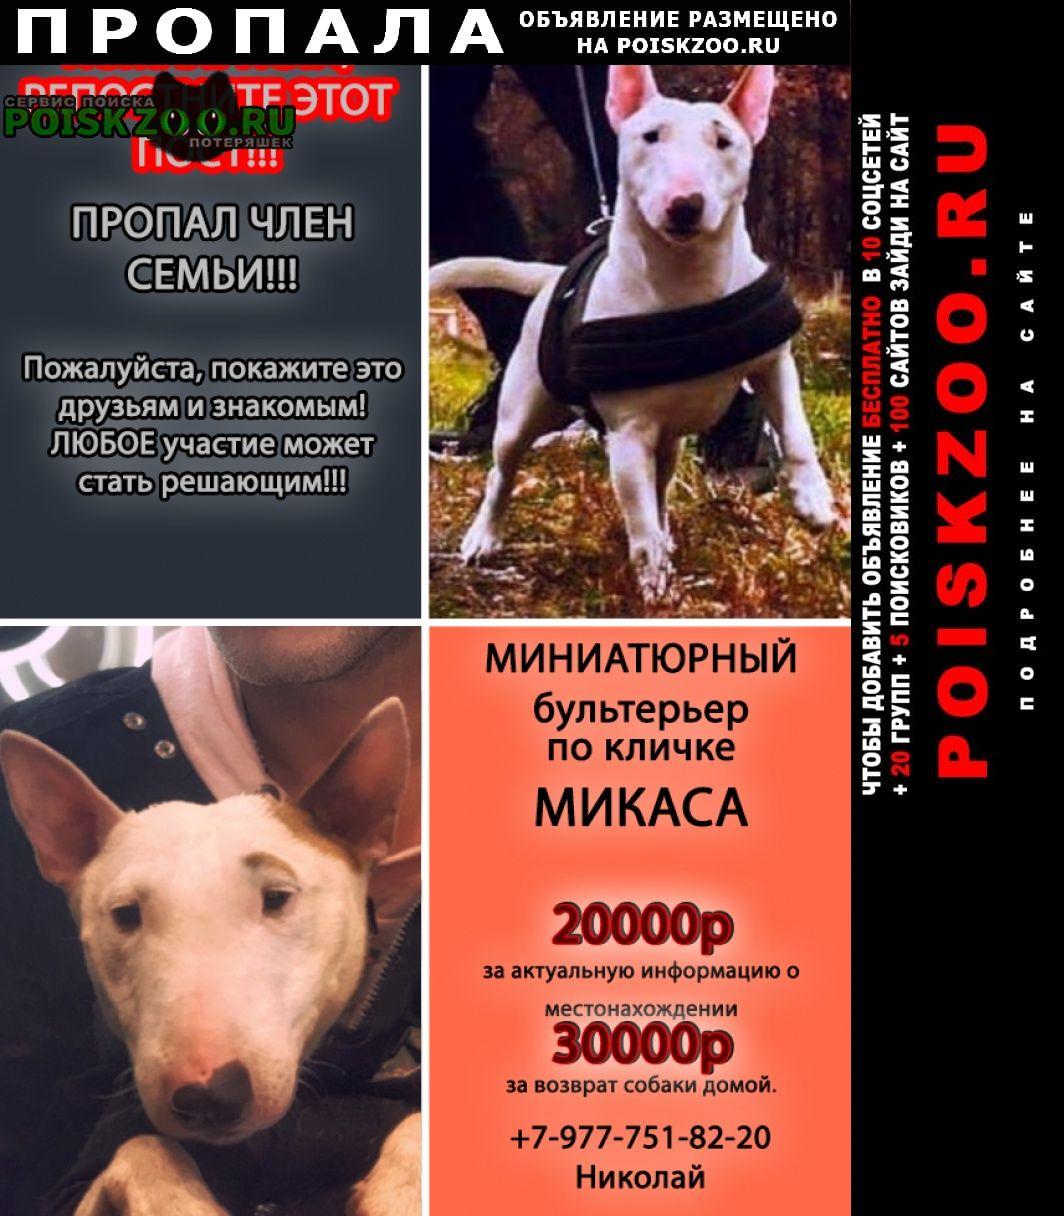 Пропала собака миниатюрный бультерьер по кличке микаса Москва